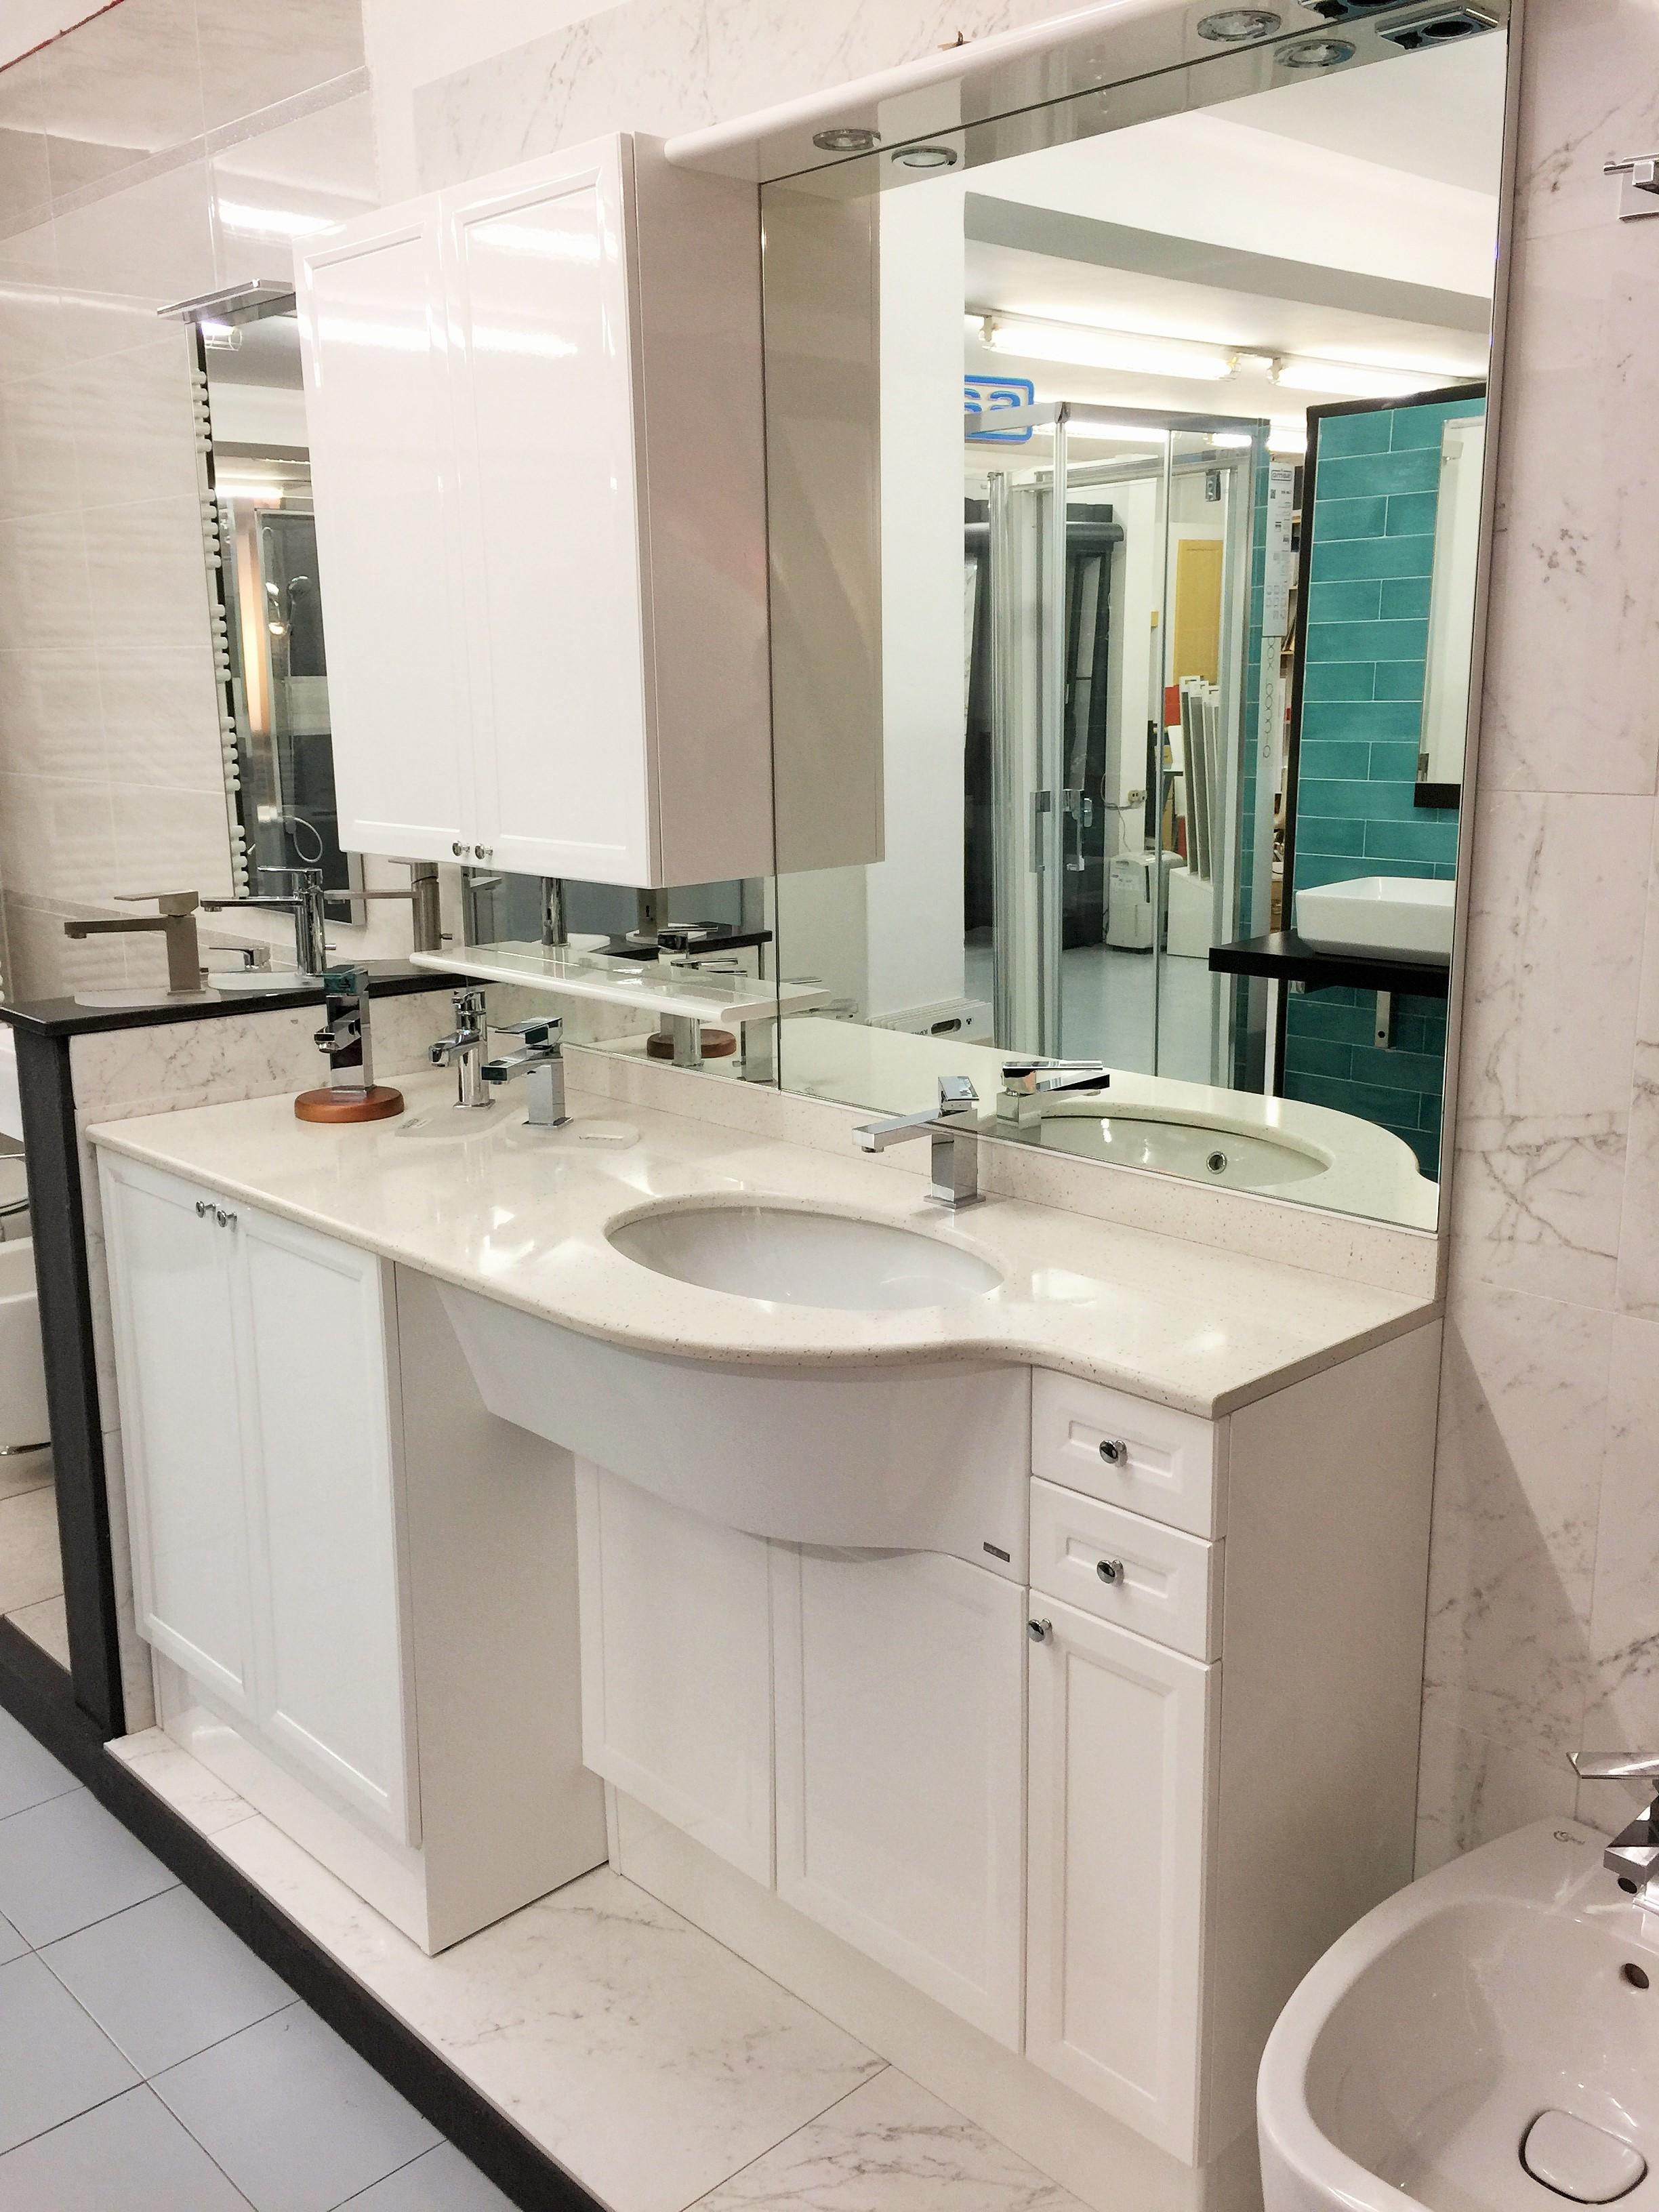 Arredo bagno lavatrice mobile arredo bagno con incasso lavatrice with arredo bagno lavatrice - Mobile incasso lavatrice ...